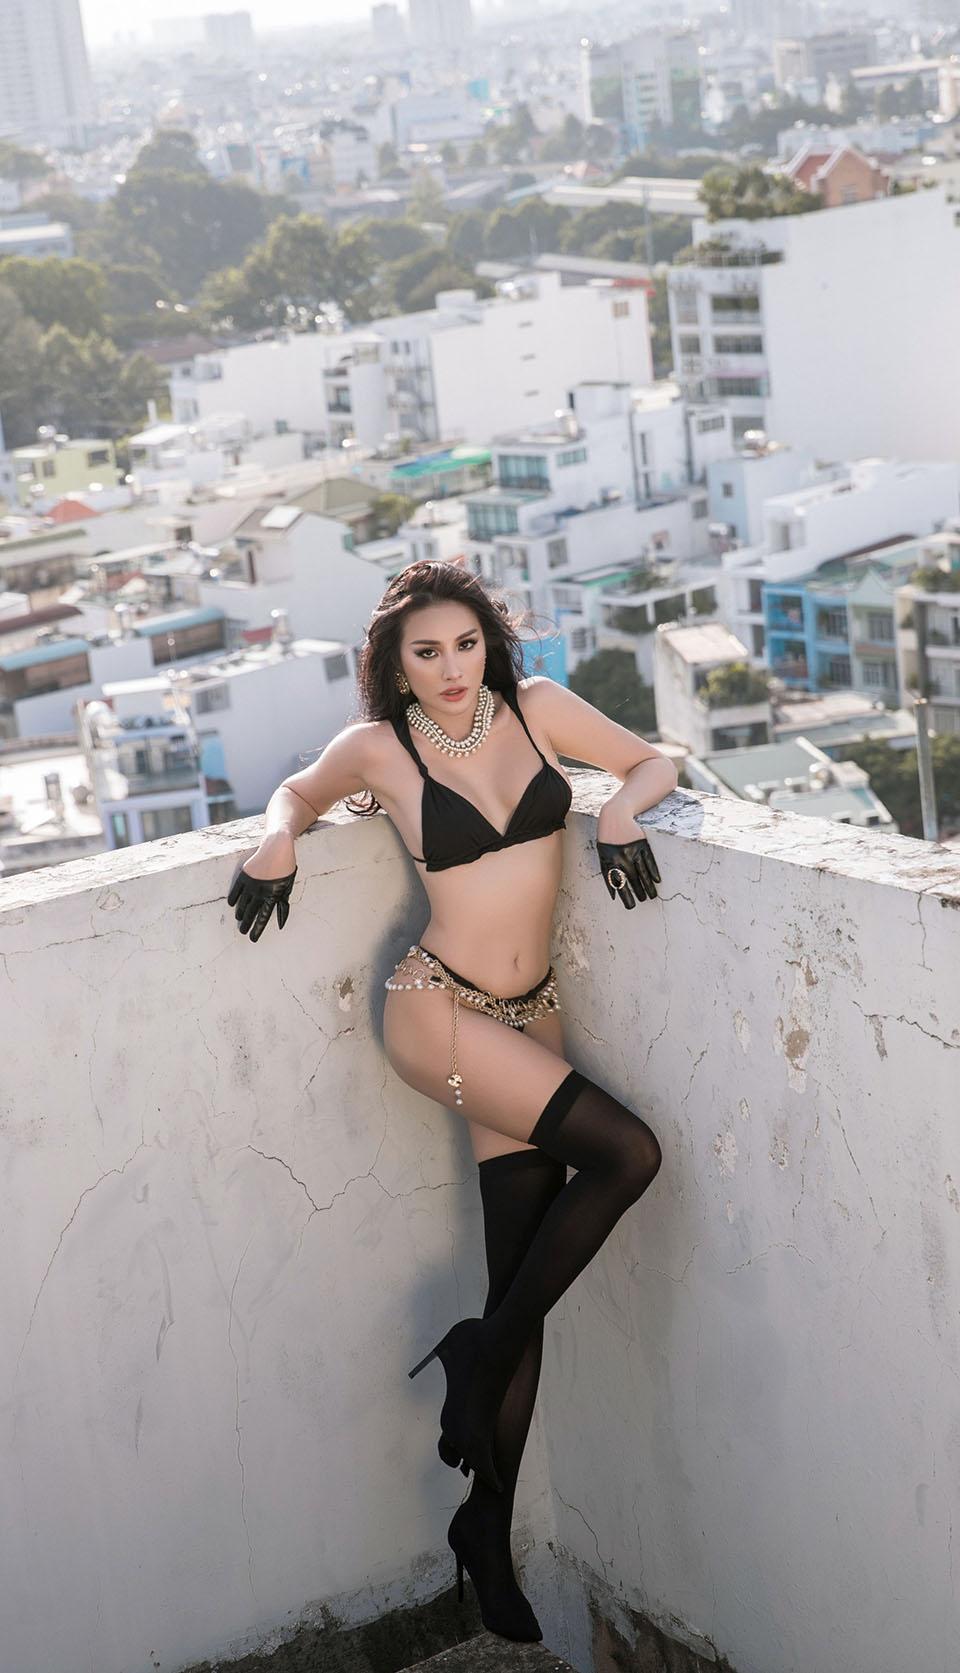 Chán hồ bơi, Yaya Trương Nhi lên sân thượng diện bikini tạo dáng táo bạo - hình ảnh 7